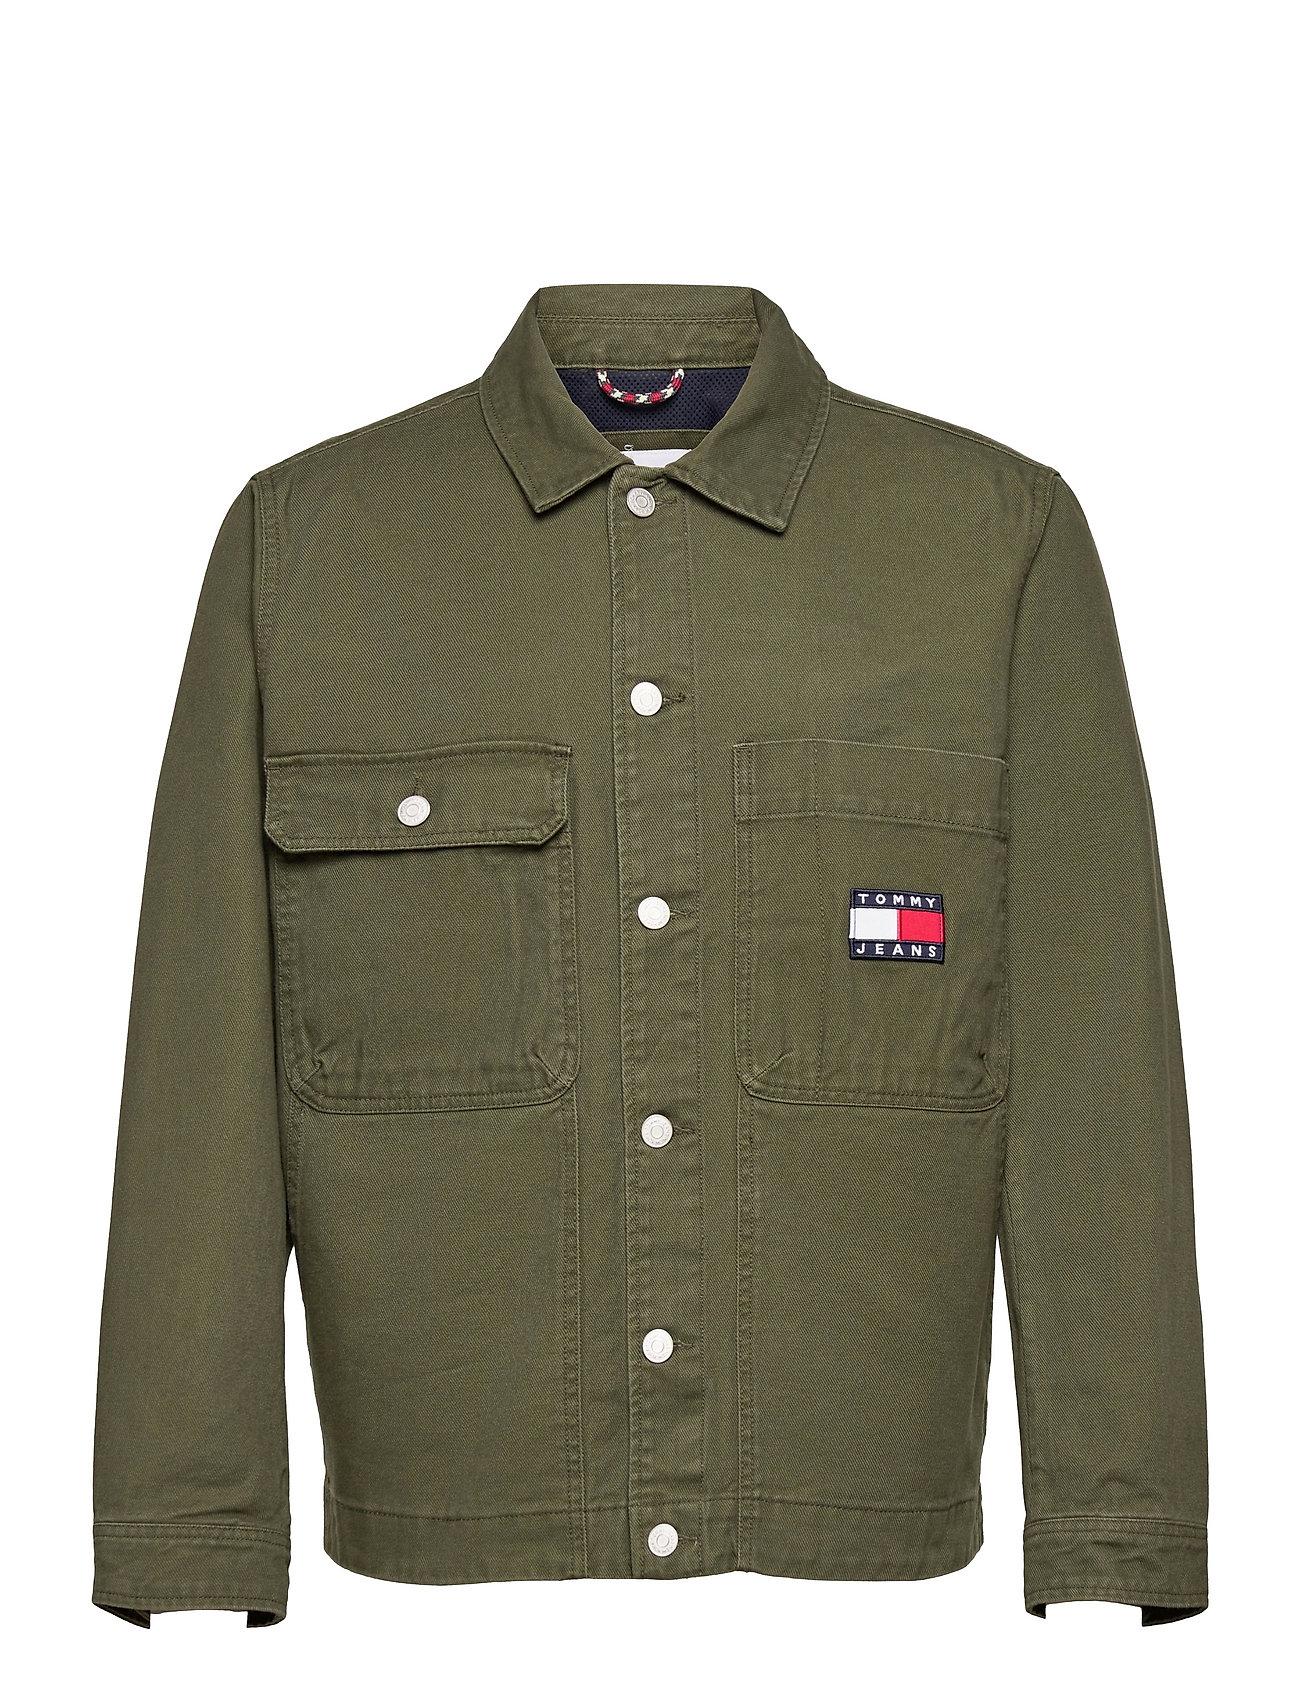 Tjm Boxy Trucker Jacket Jakke Denimjakke Grøn Tommy Jeans